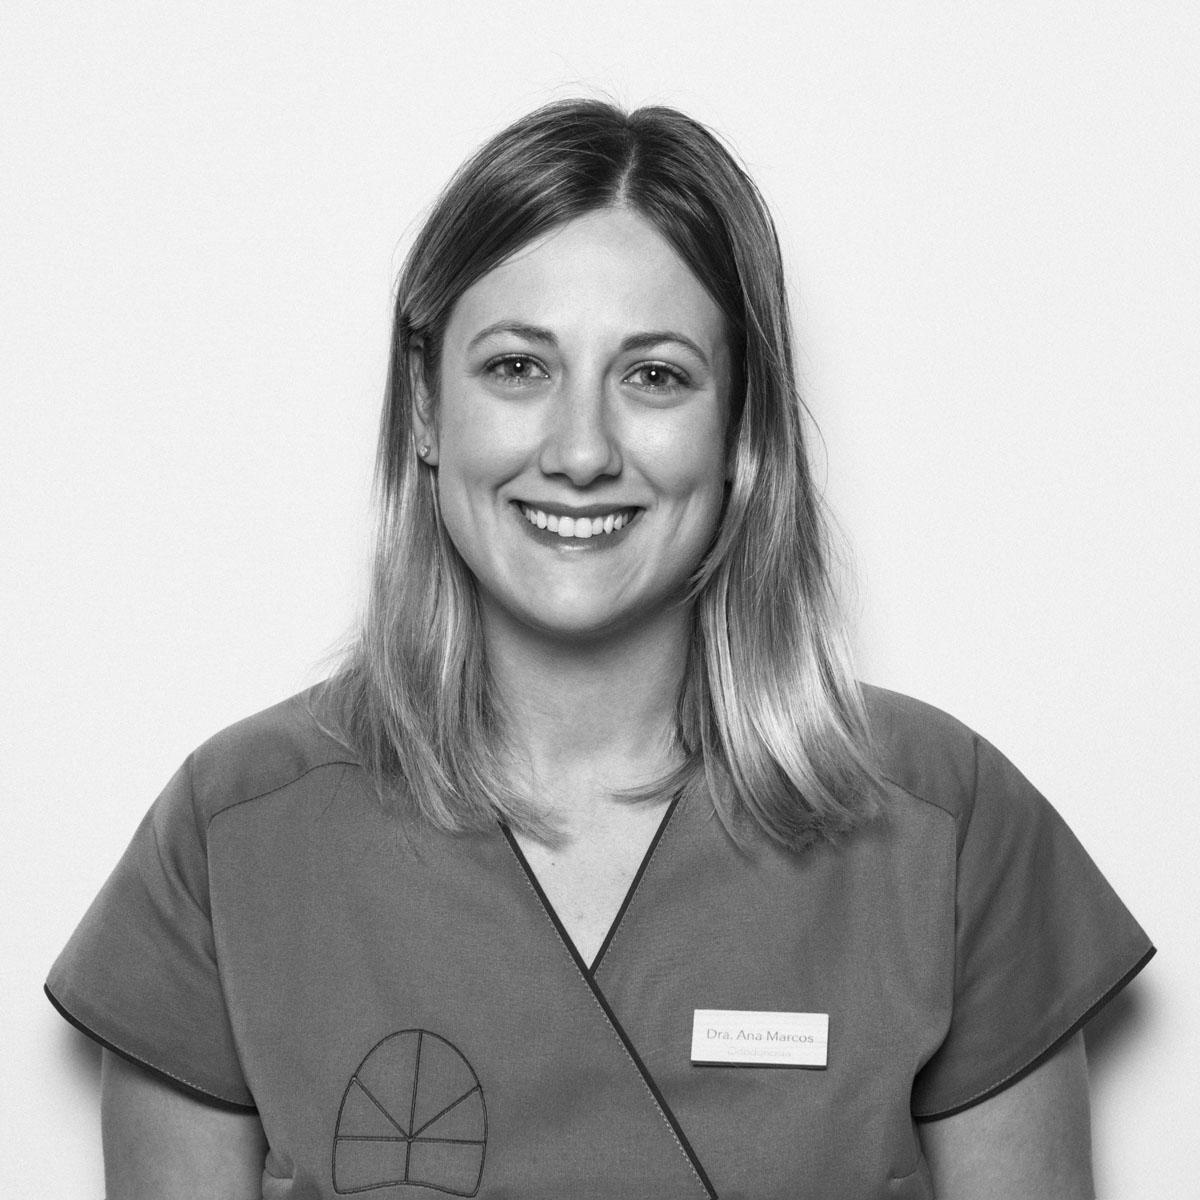 Dra. Ana Marcos Cardo